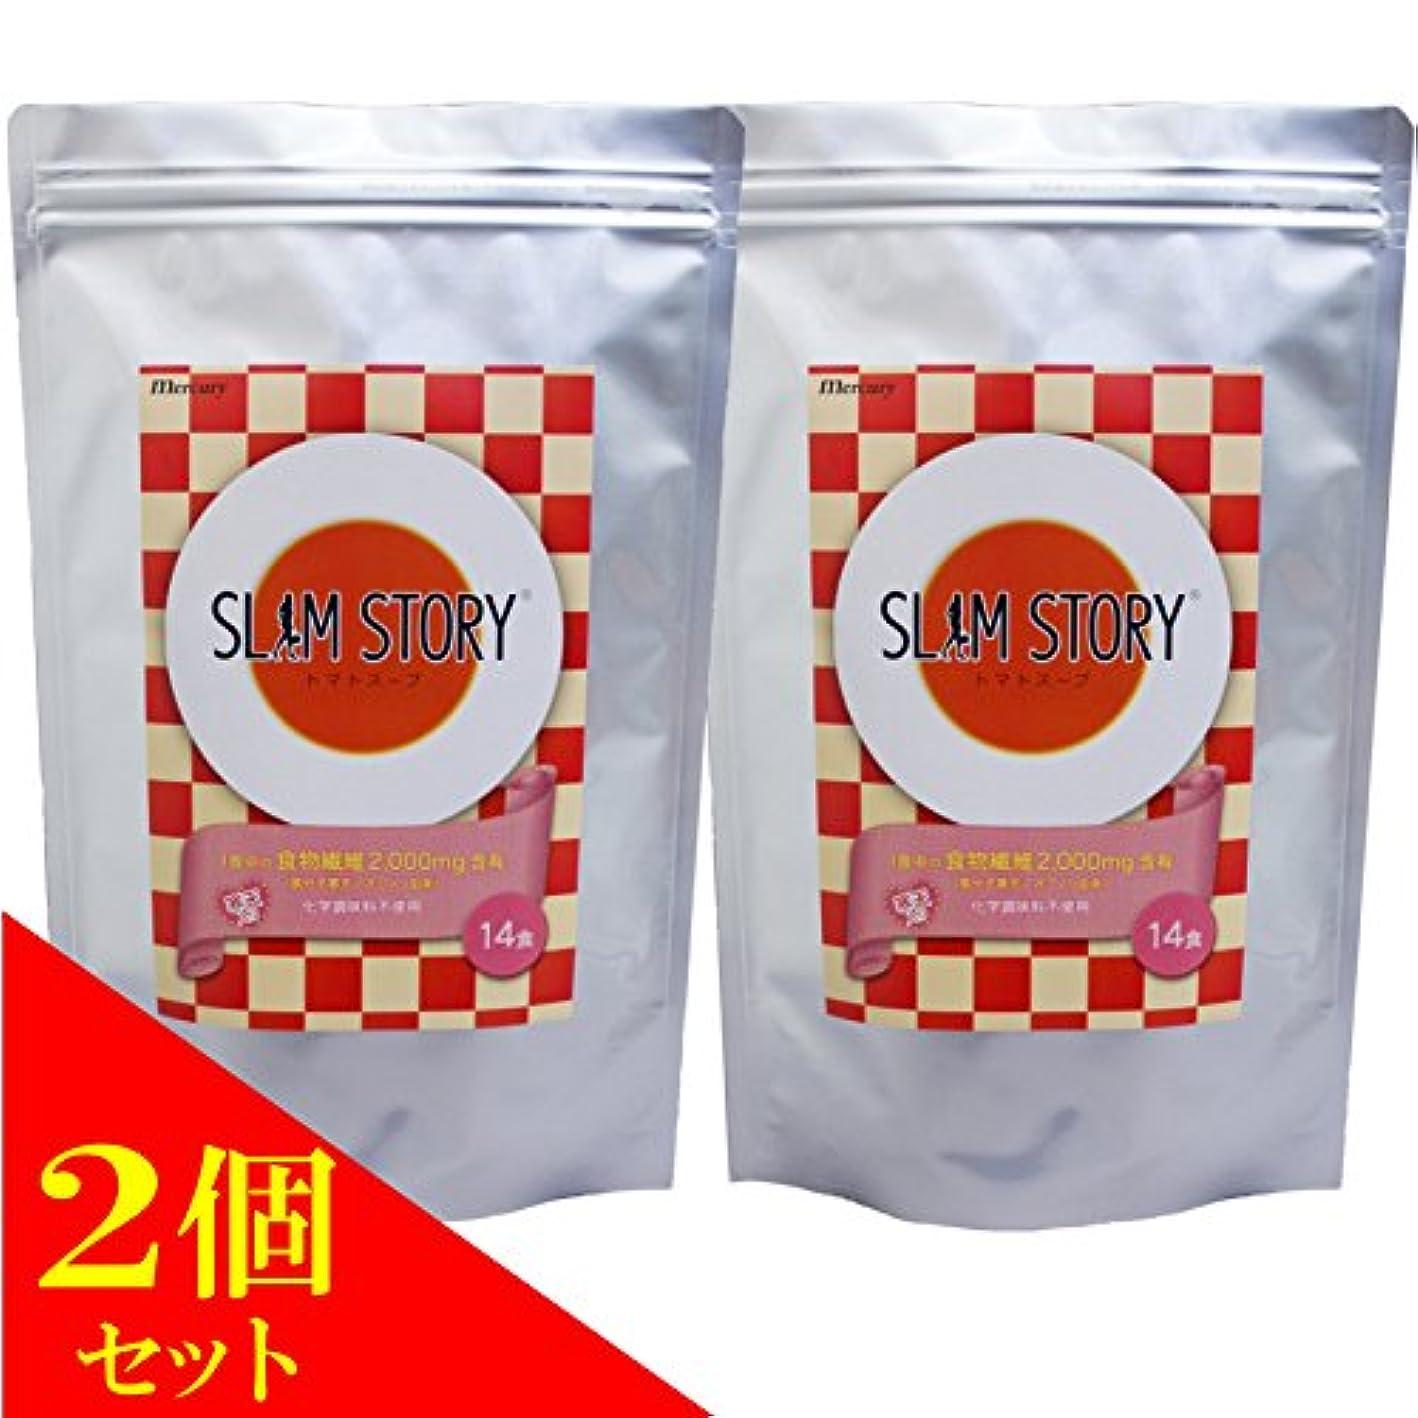 合唱団はい脊椎(2個) マーキュリー SLIM STORY トマトスープ 14食×2袋セット/化学調味料 不使用(4947041155022)